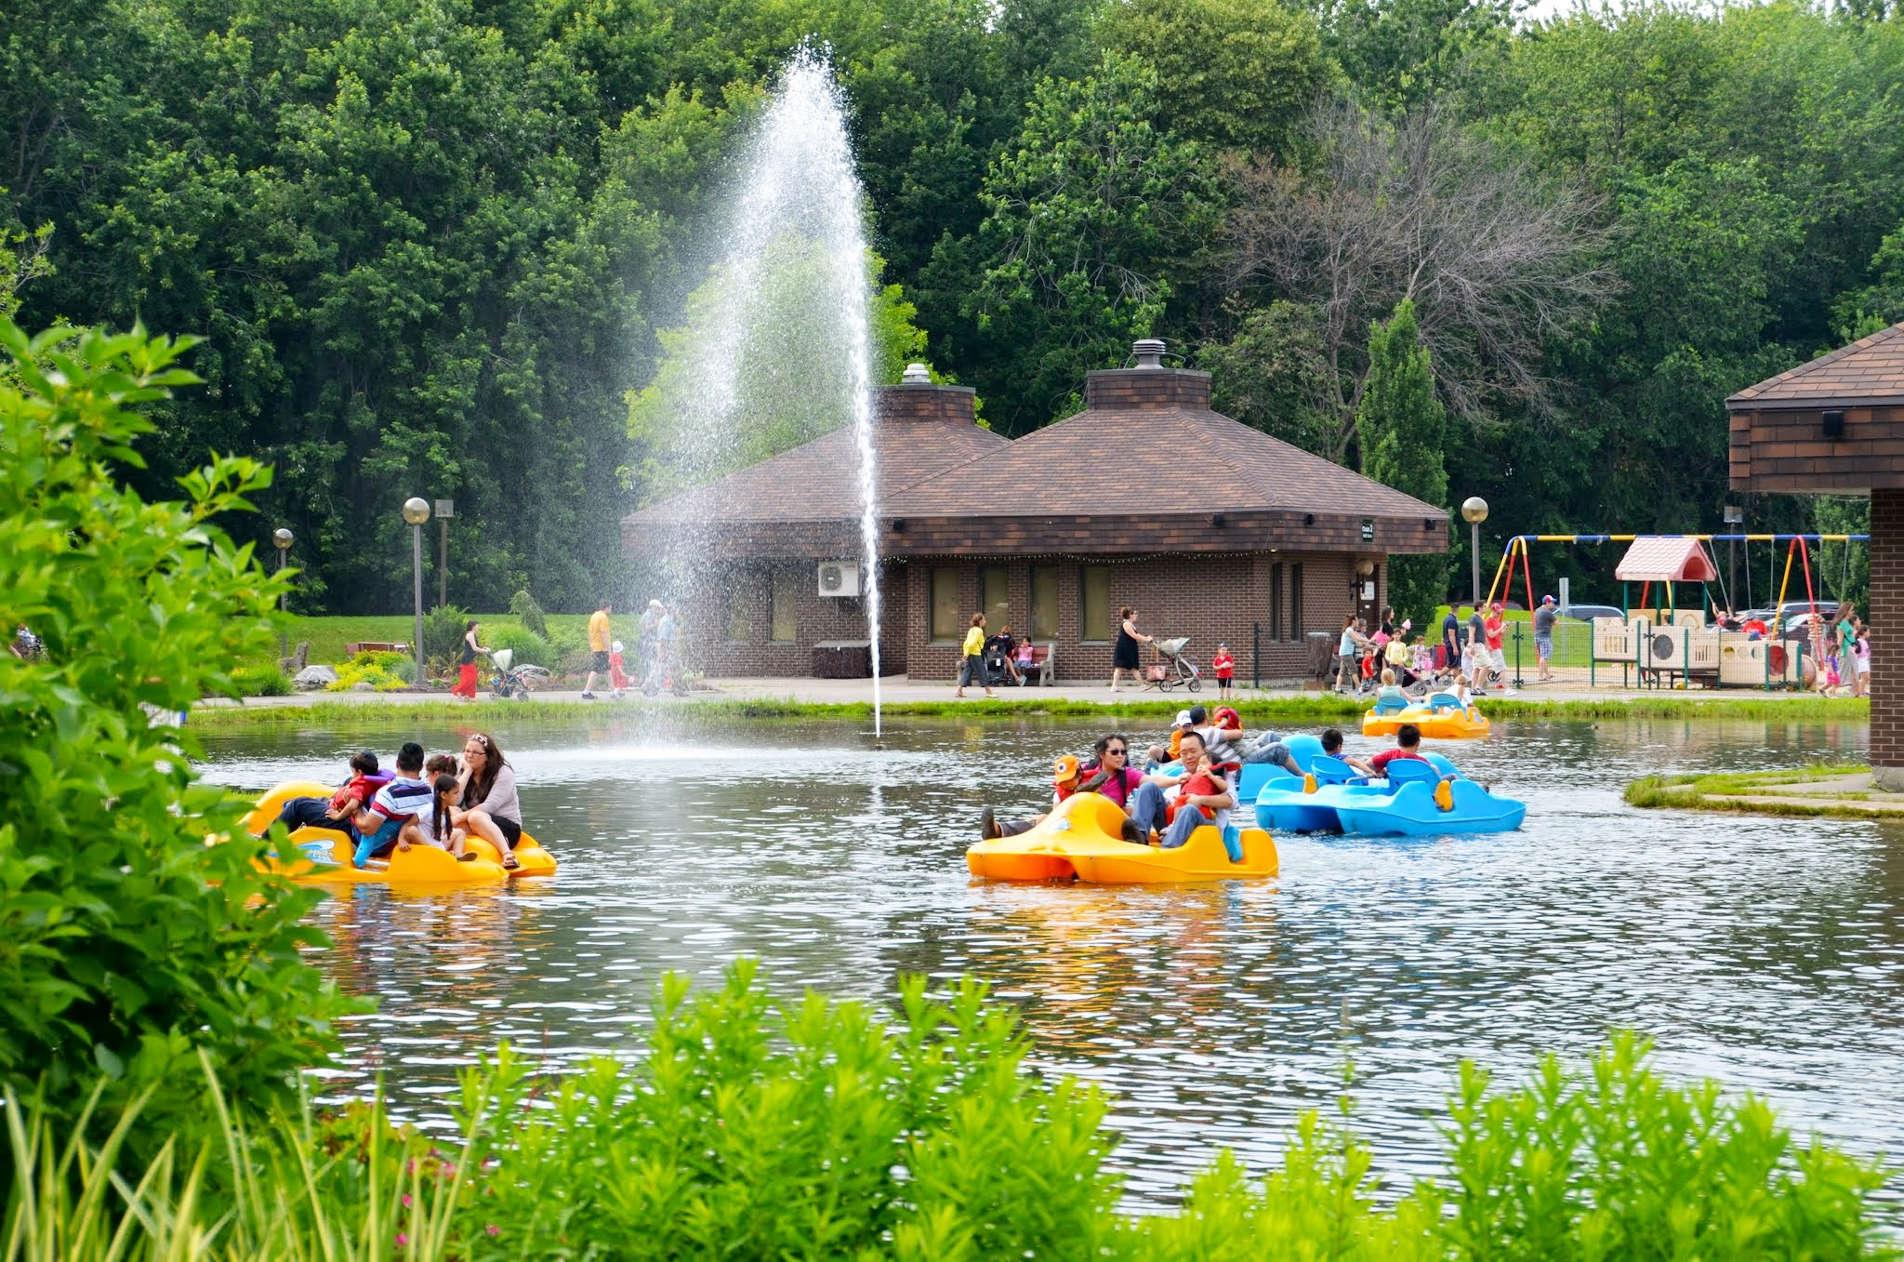 Pedal boats at Pierre Elliott Trudeau Park